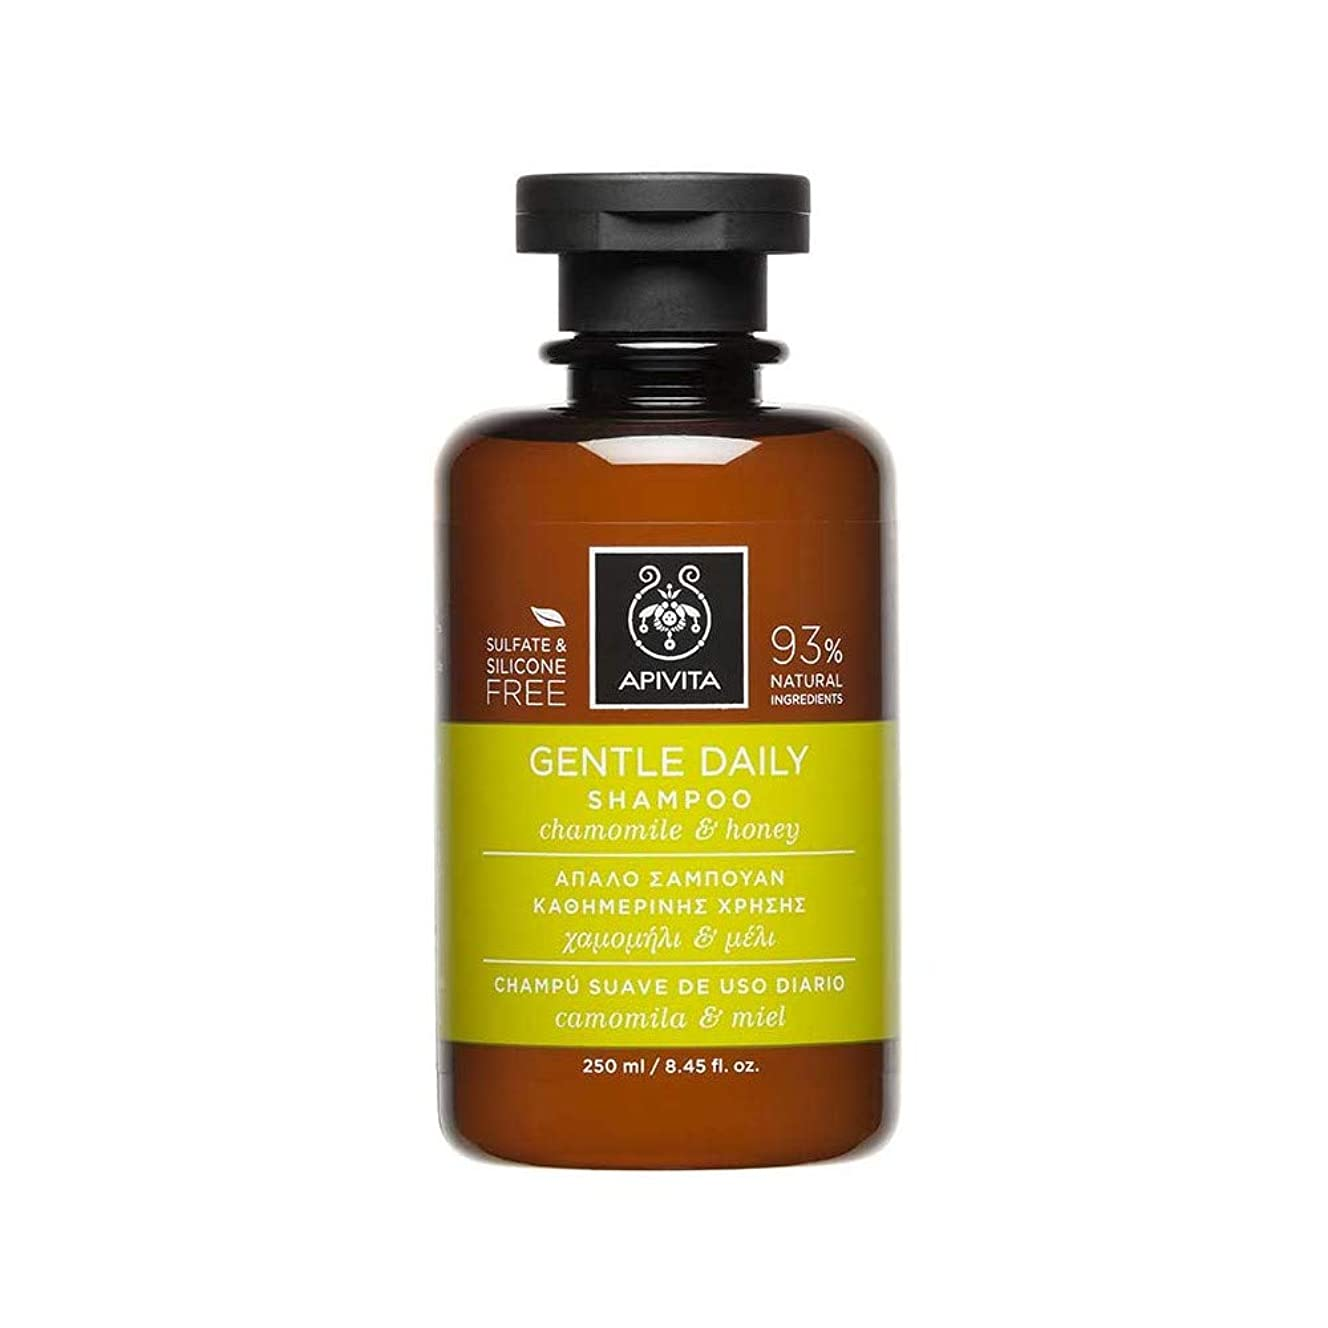 君主制意欲ガチョウアピヴィータ Gentle Daily Shampoo with Chamomile & Honey (For All Hair Types) 250ml [並行輸入品]